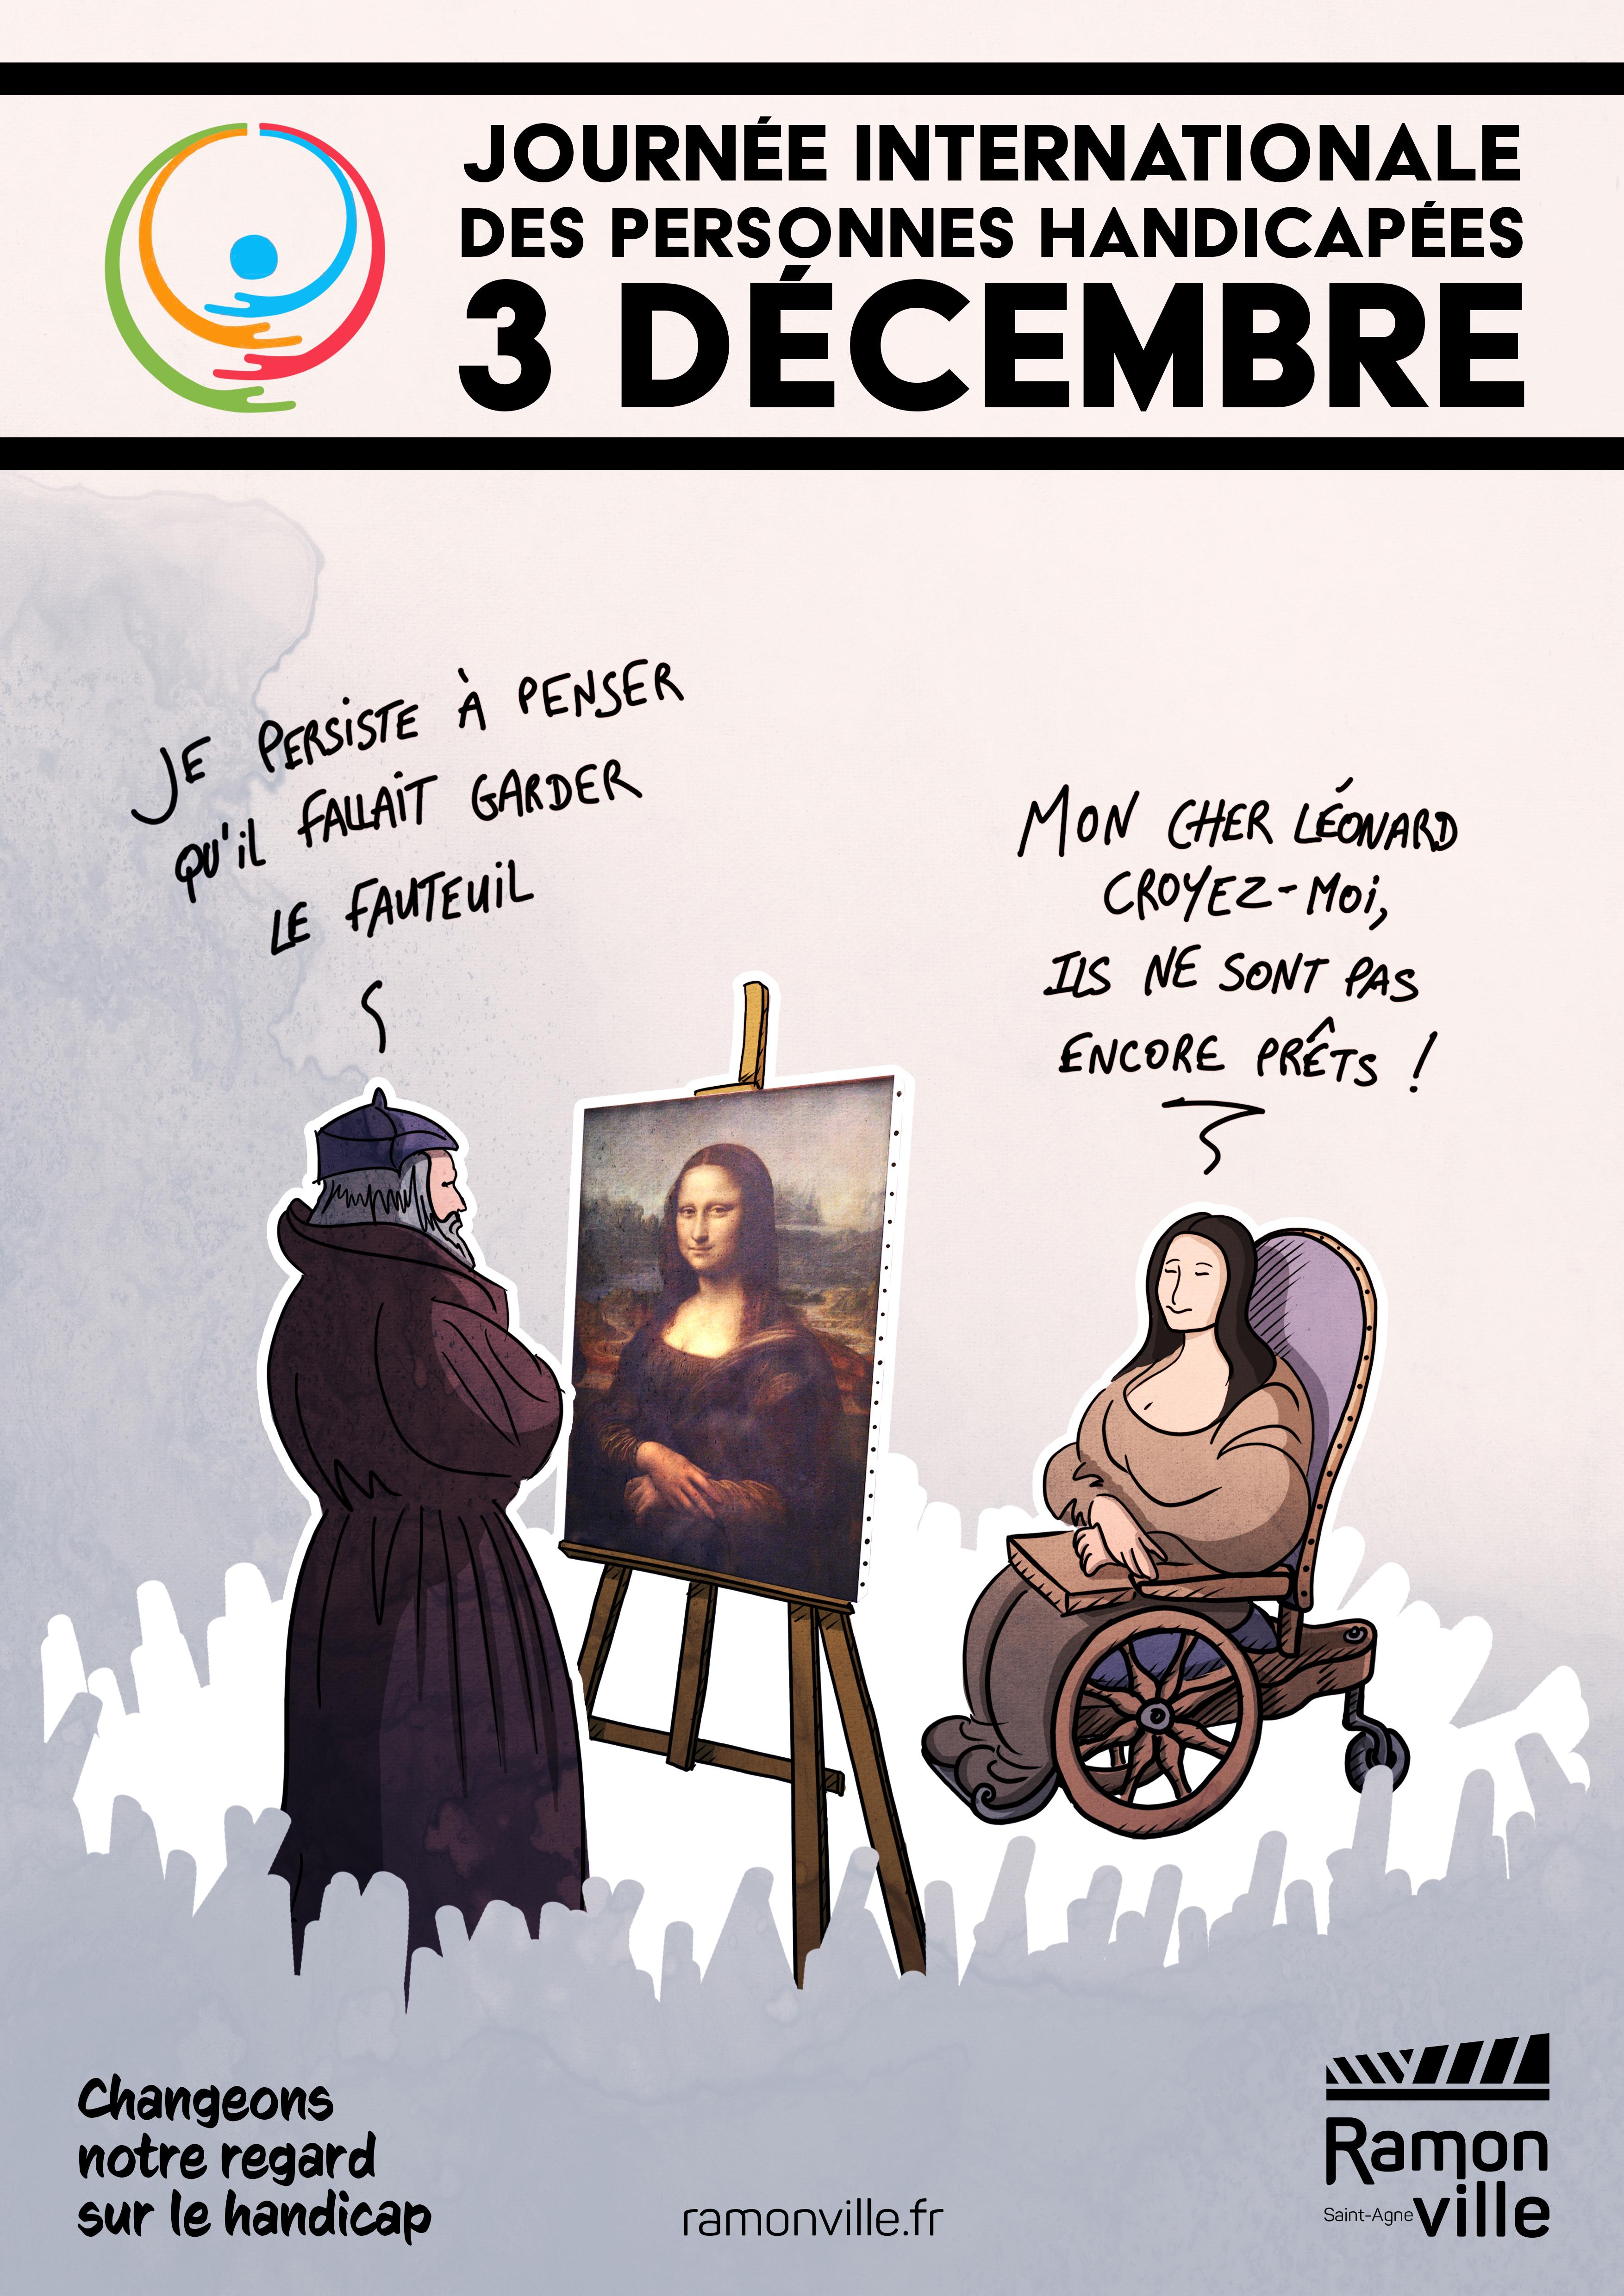 3 décembre - Journée internationale des personnes handicapées